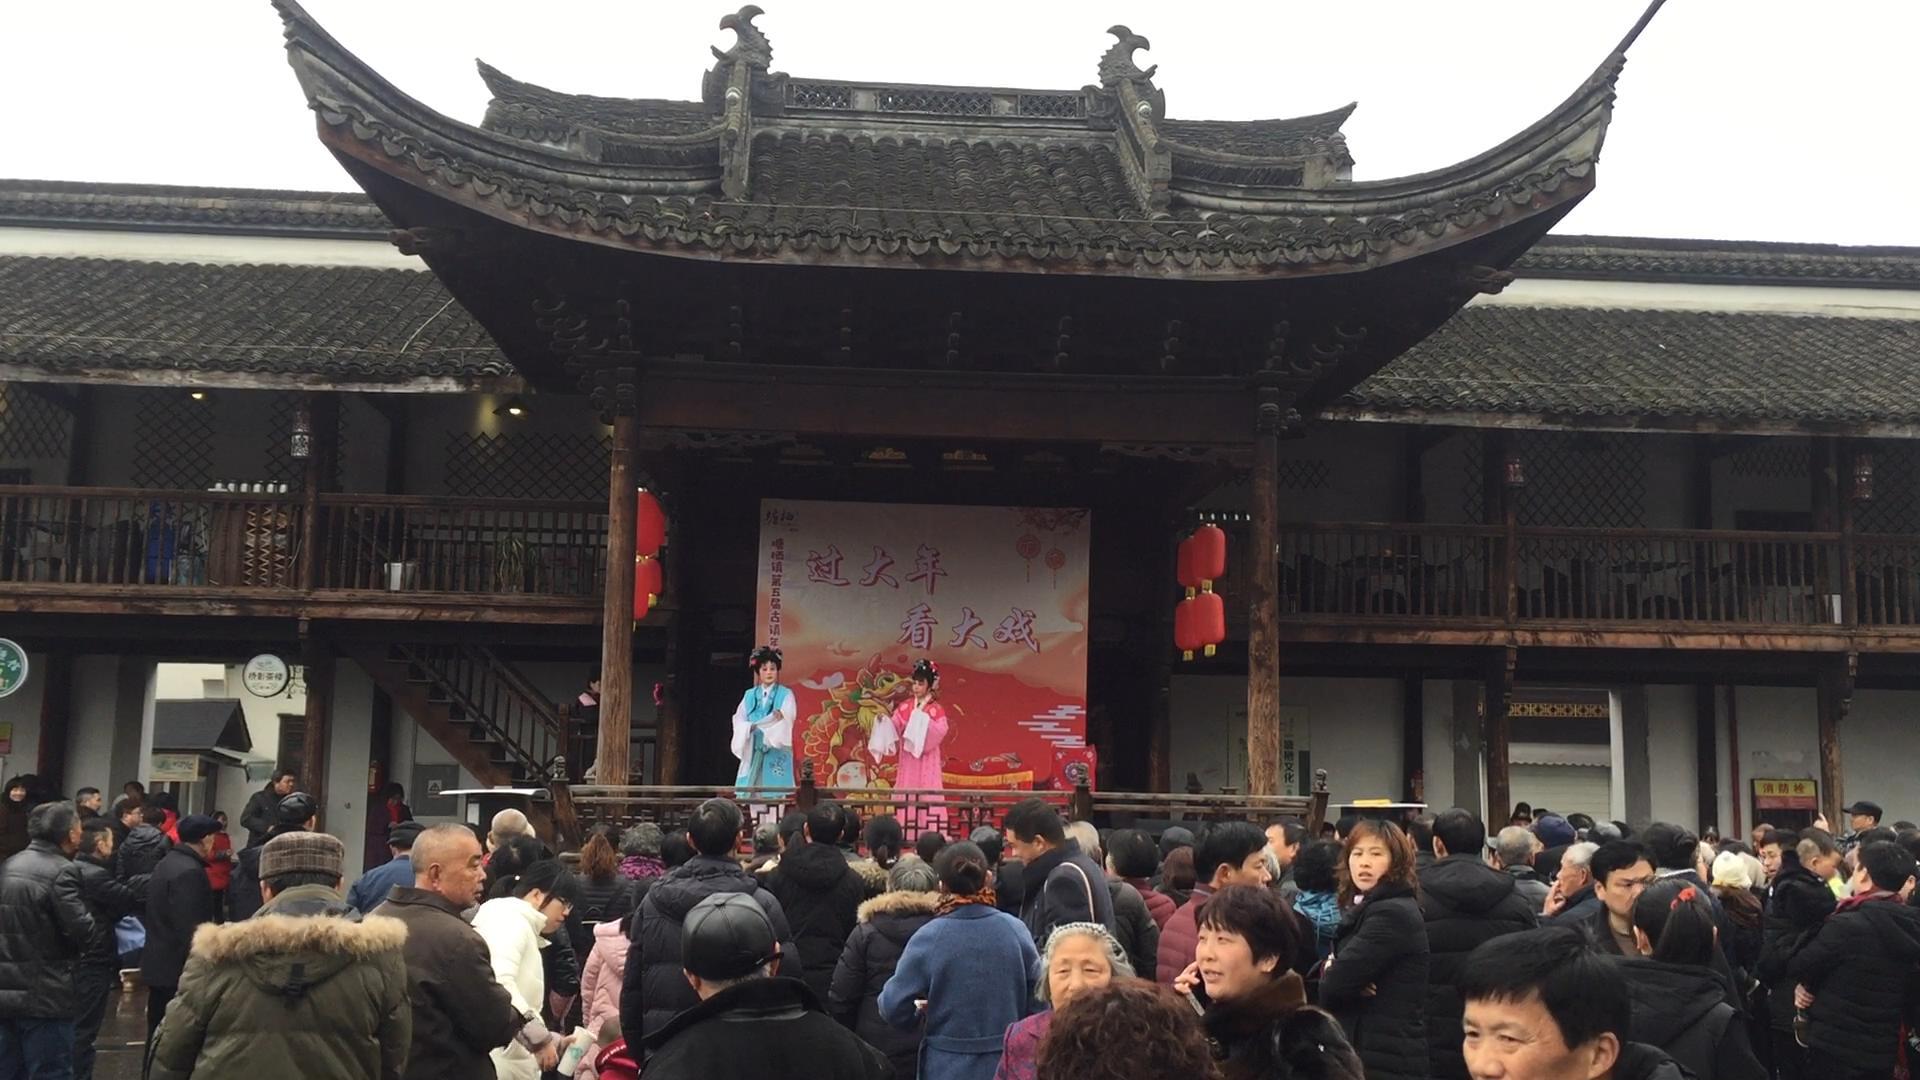 看各地人民如何欢度春节